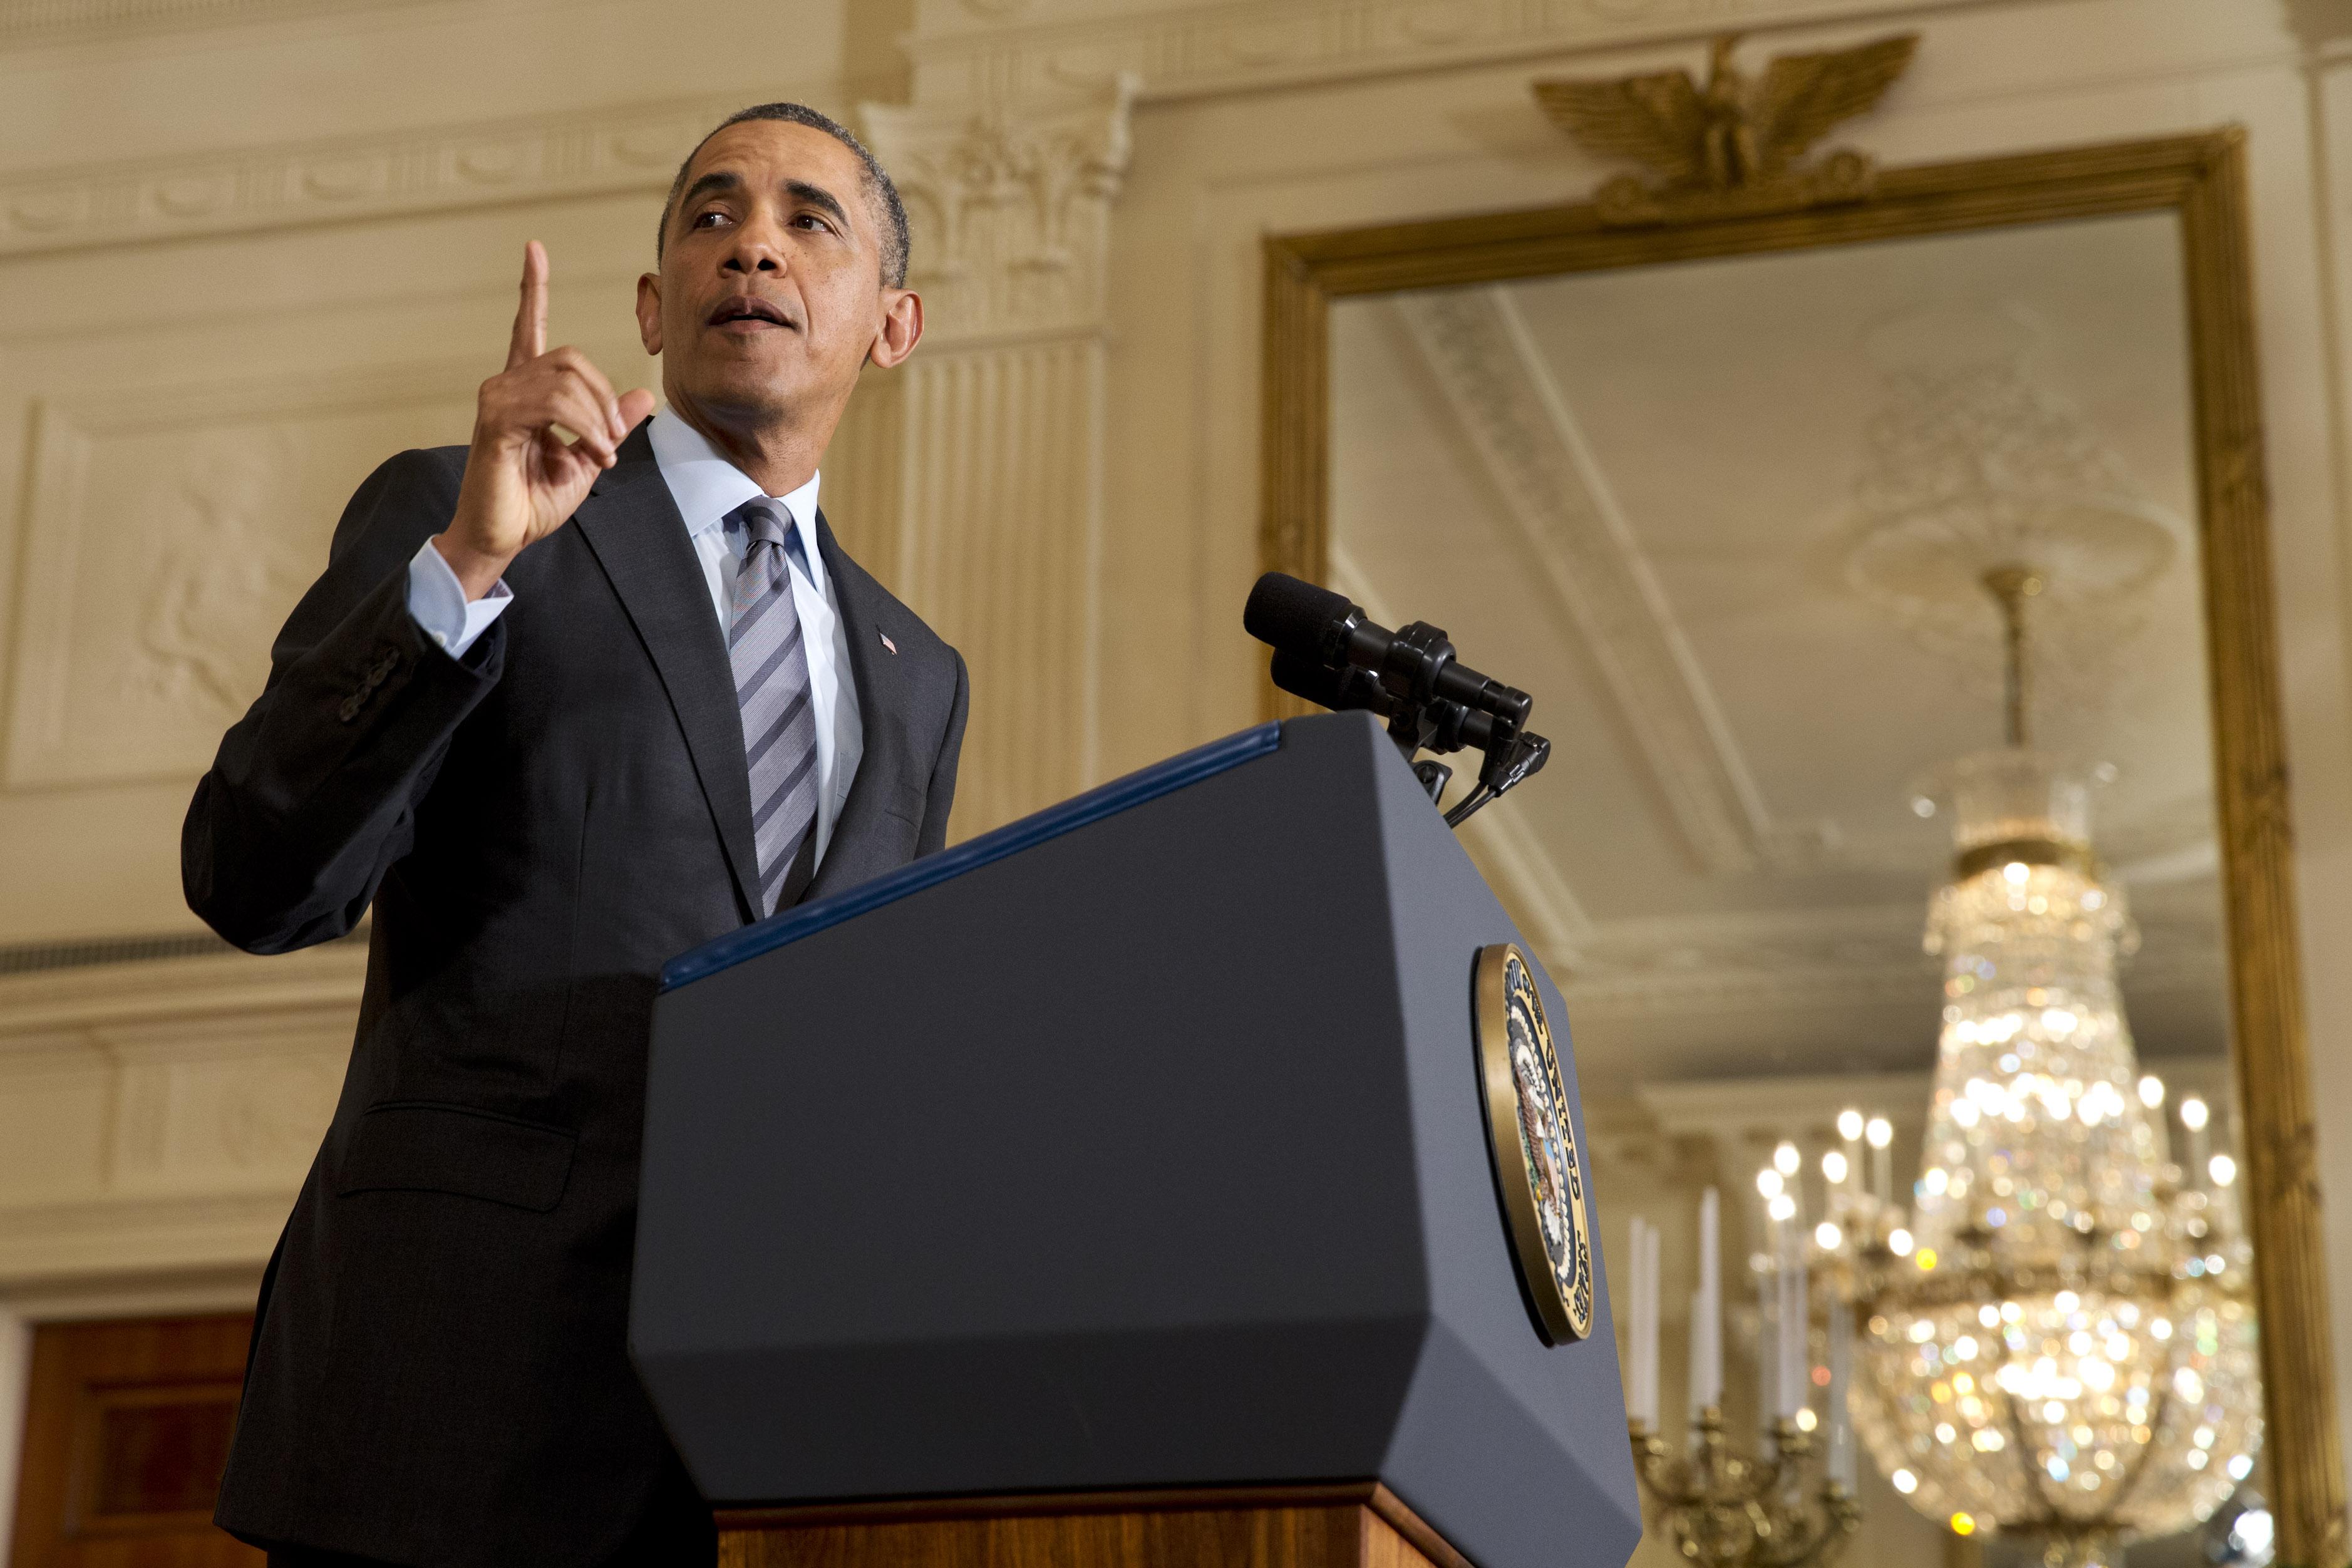 President Barack Obama in the East Room of the White House on Thursday, Jan. 9, 2014